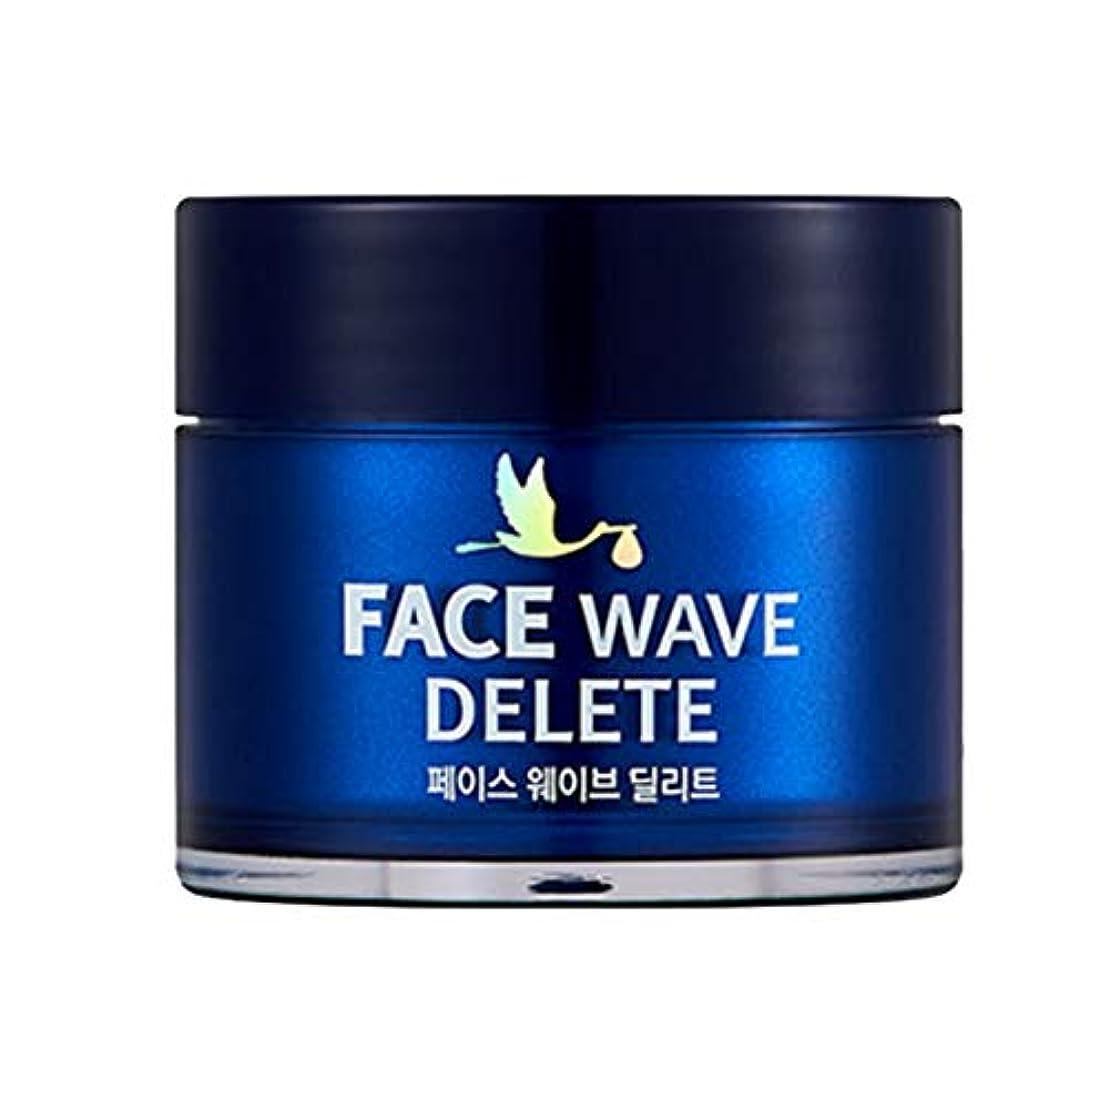 ローブ米ドル生産性bona medusa FACE WAVE DELETE しわ集中改善クリームすべての肌用30g[海外直送品]